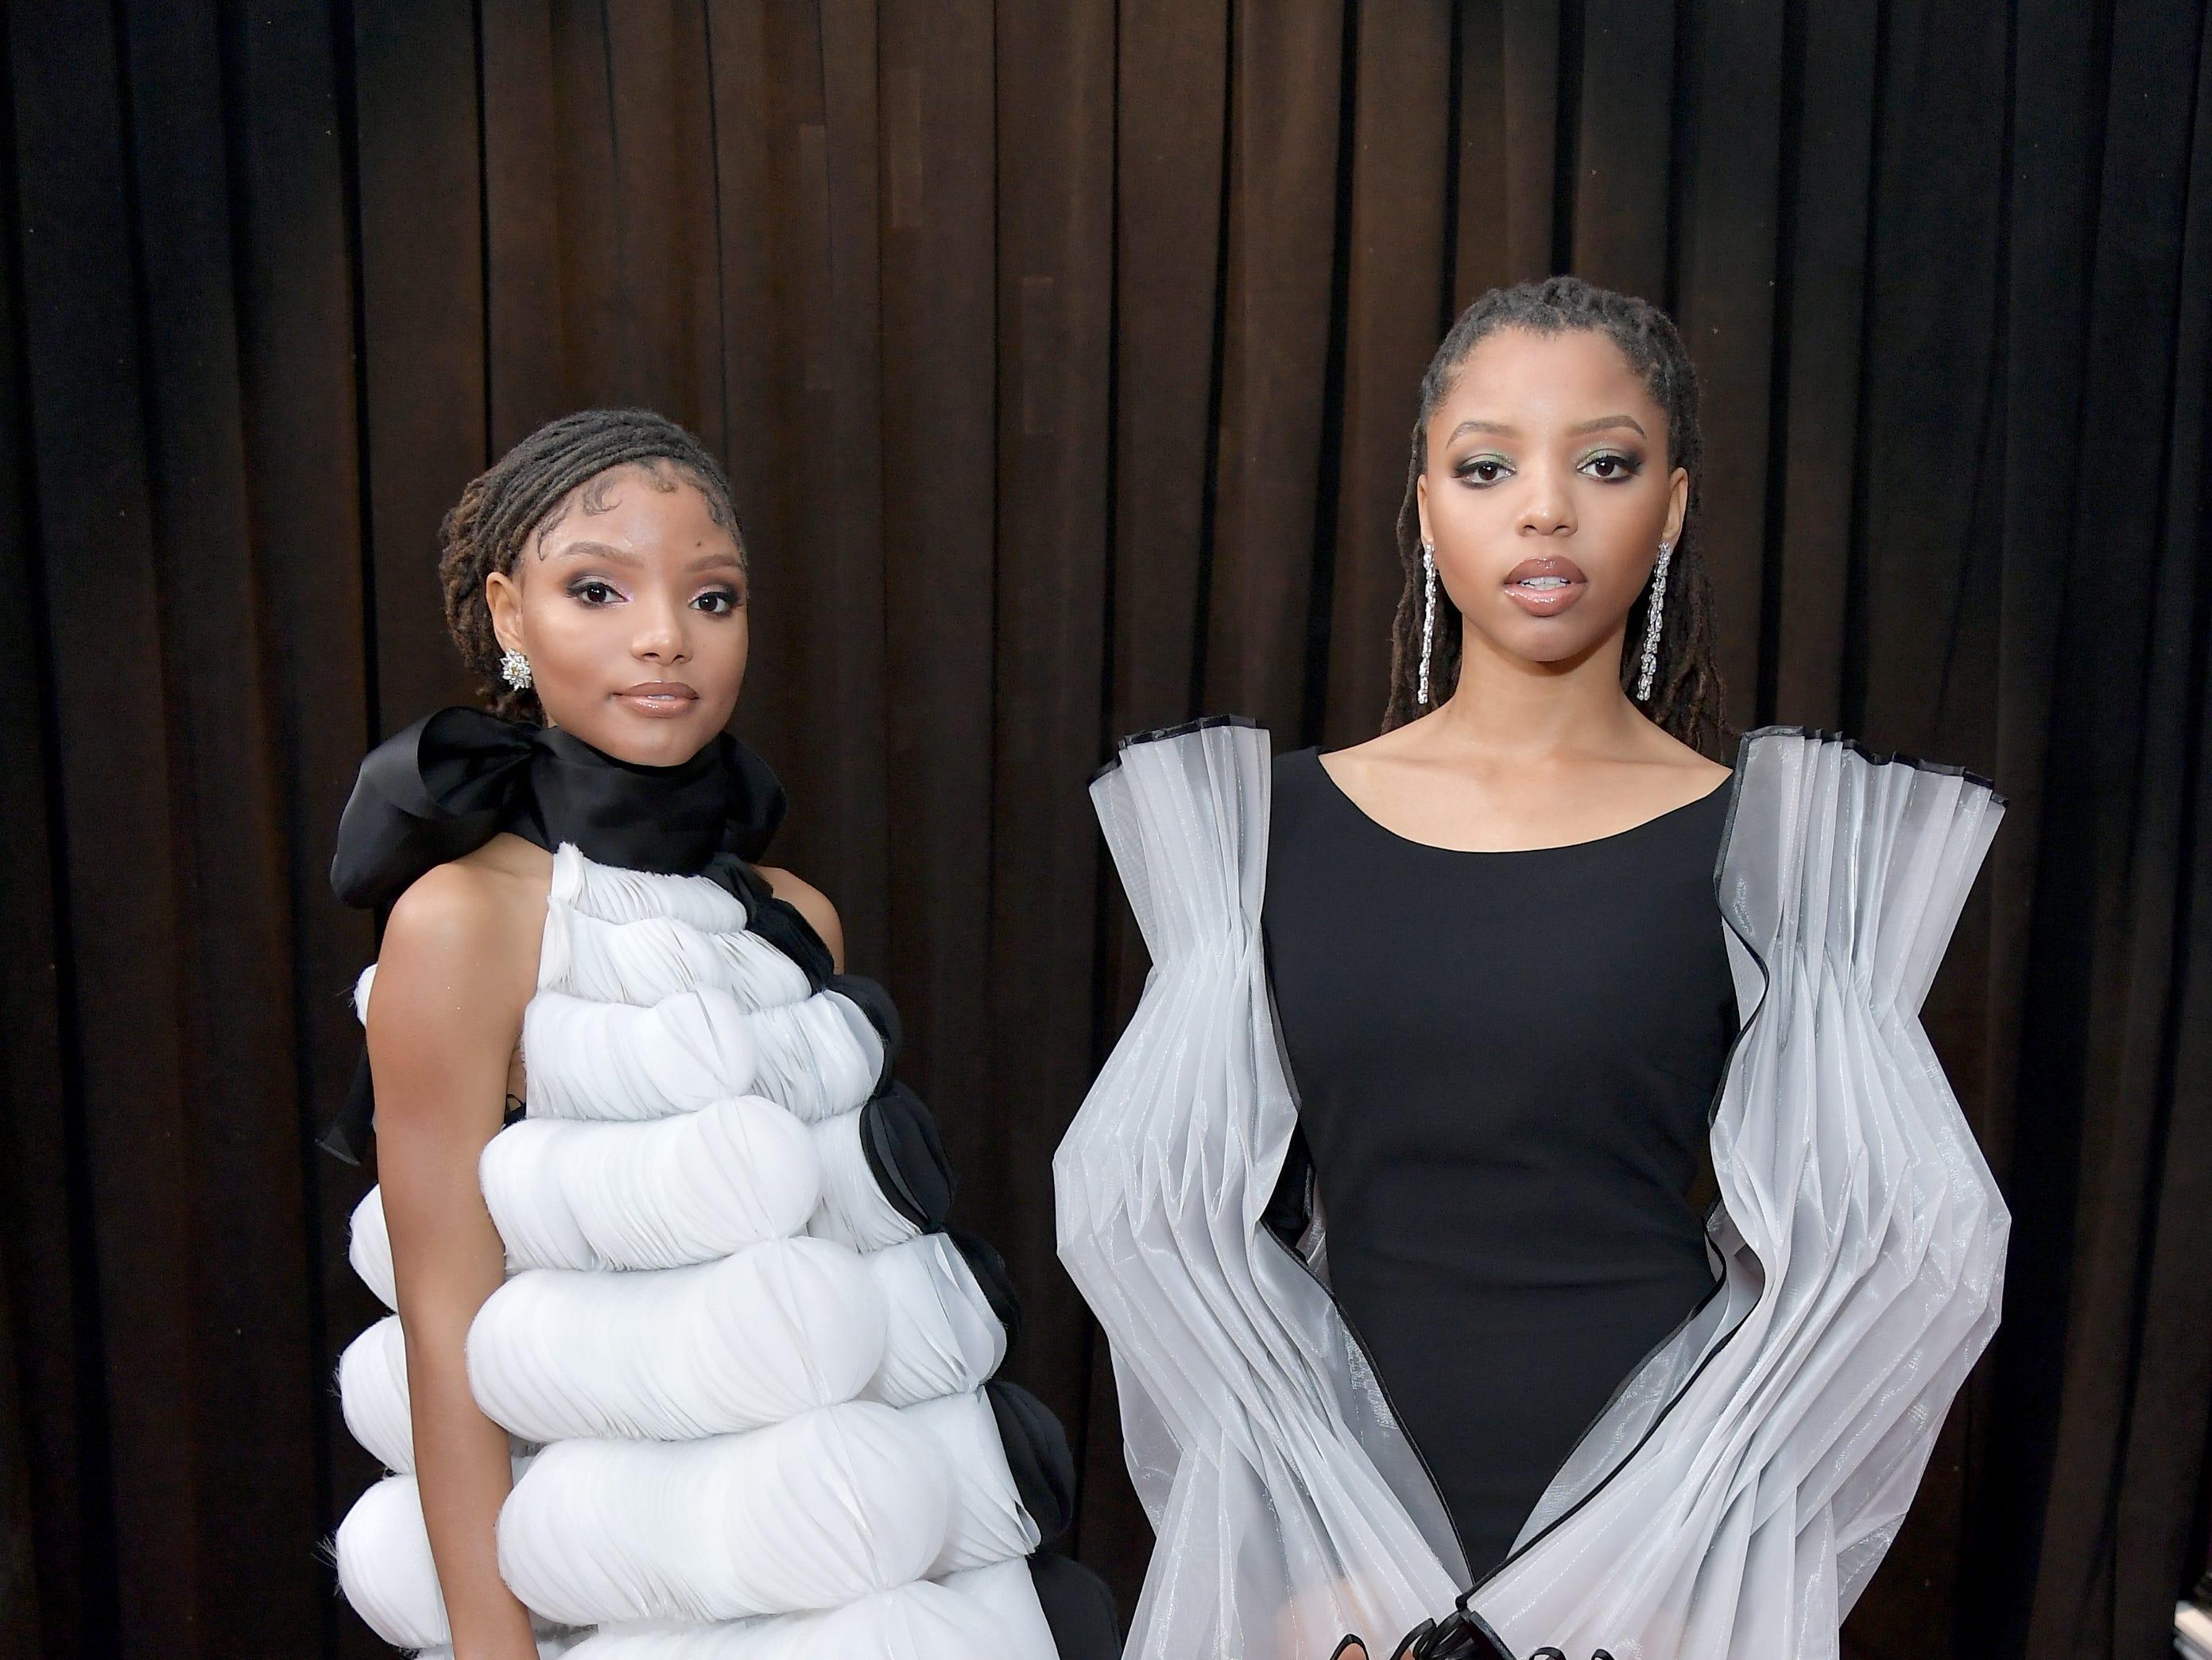 Halle Bailey y Chloe Bailey de Chloe X Halle  asisten a la 61ª edición de los premios GRAMMY en el Staples Center el 10 de febrero de 2019 en Los Ángeles, California.